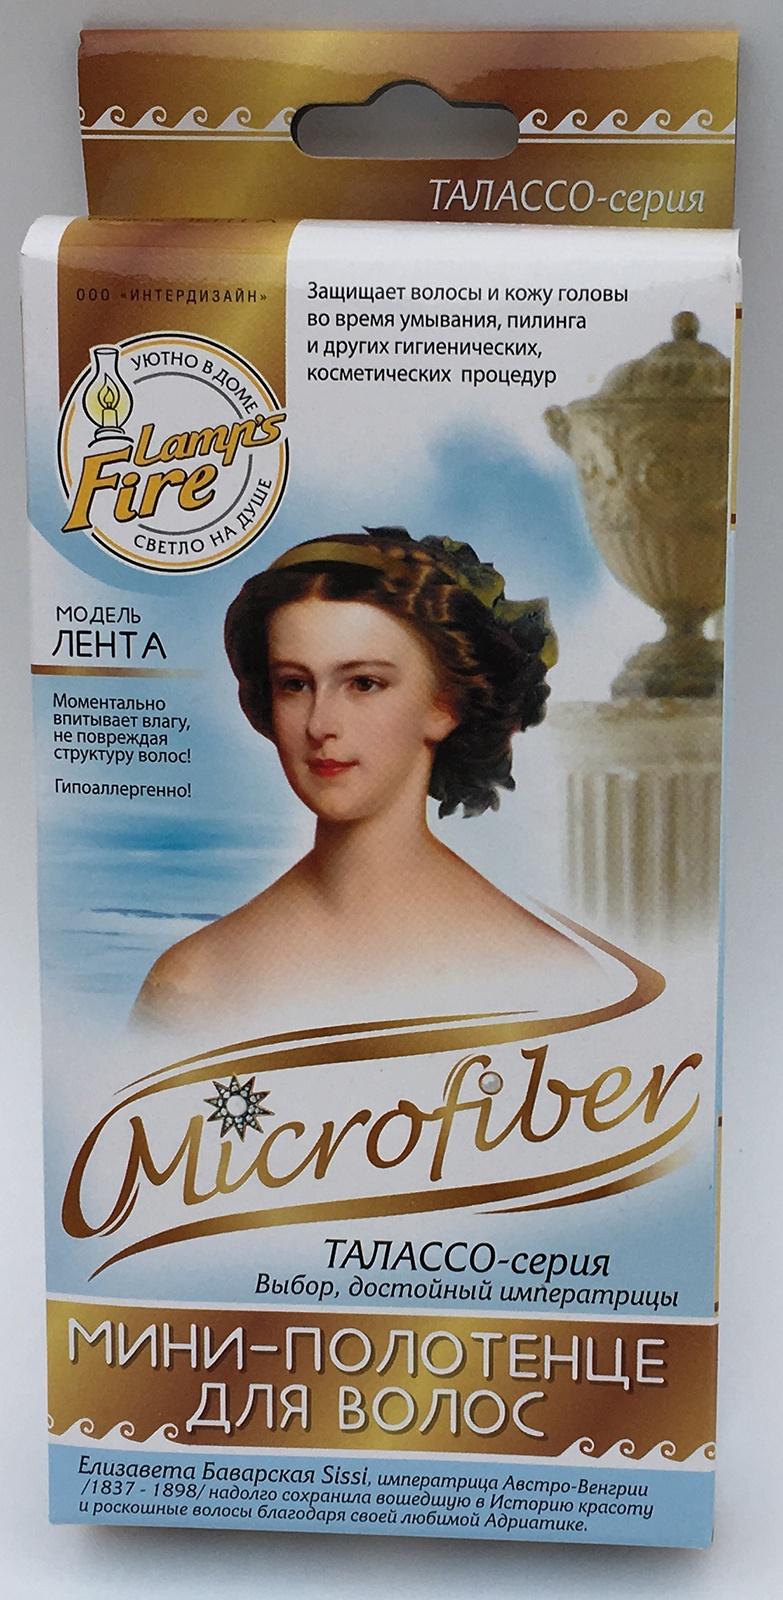 Мини-полотенце для волос Lamps Fire Лента